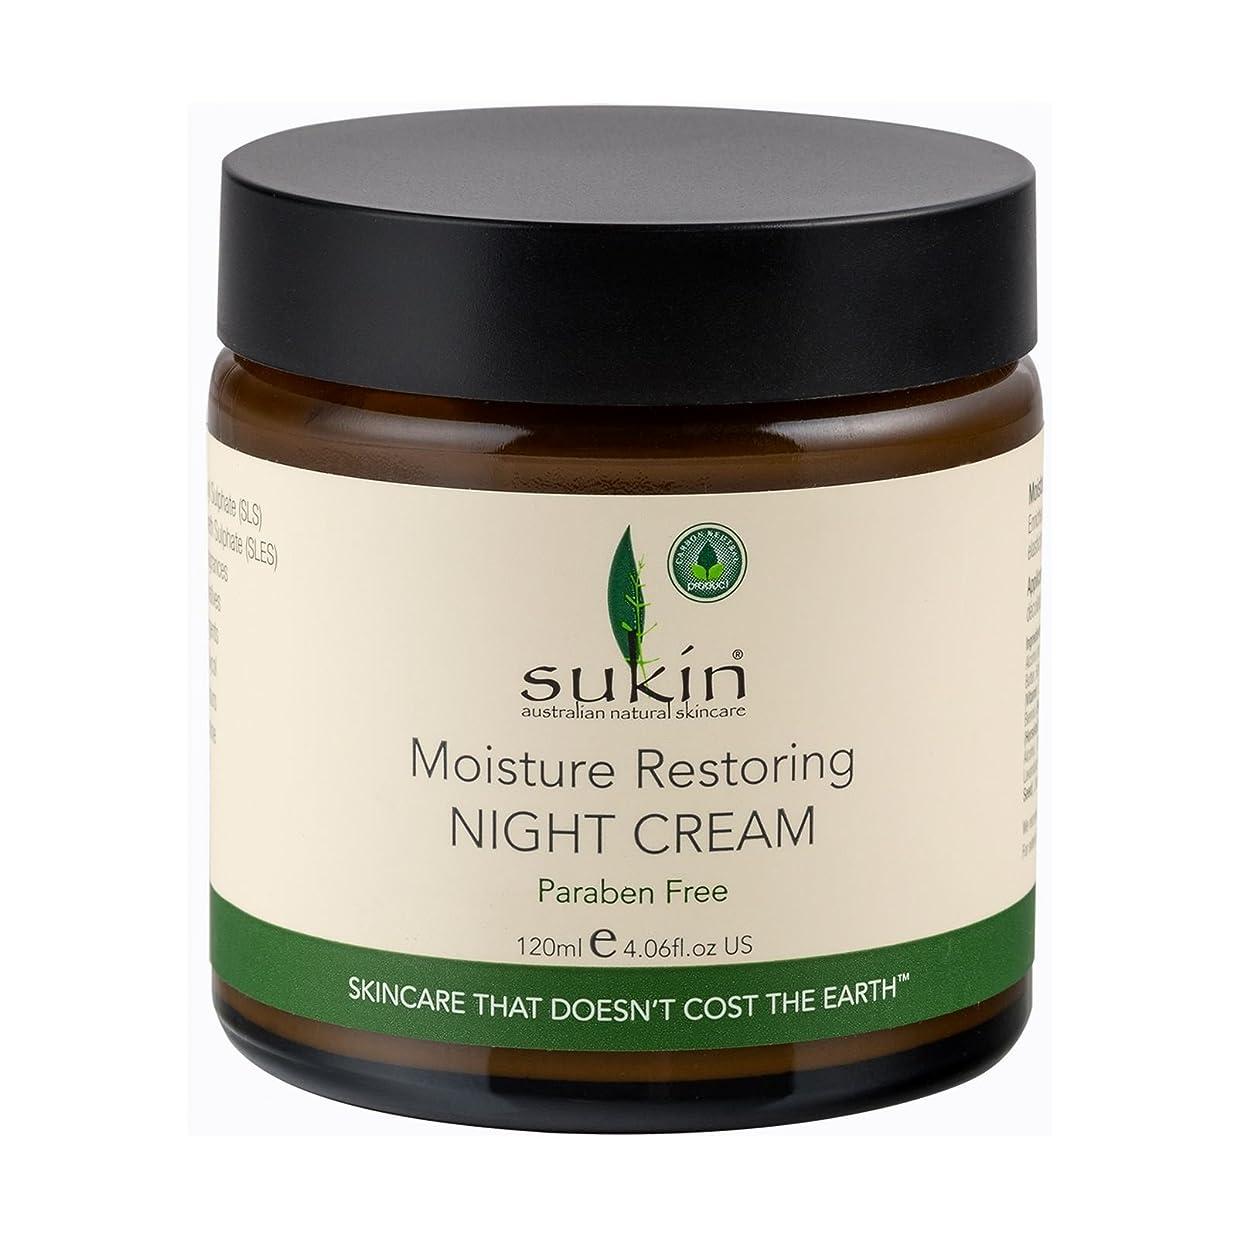 ギネスターゲット崇拝する[Sukin Moisture Restoring Night Cream] スキン モイスチャーナイトクリーム